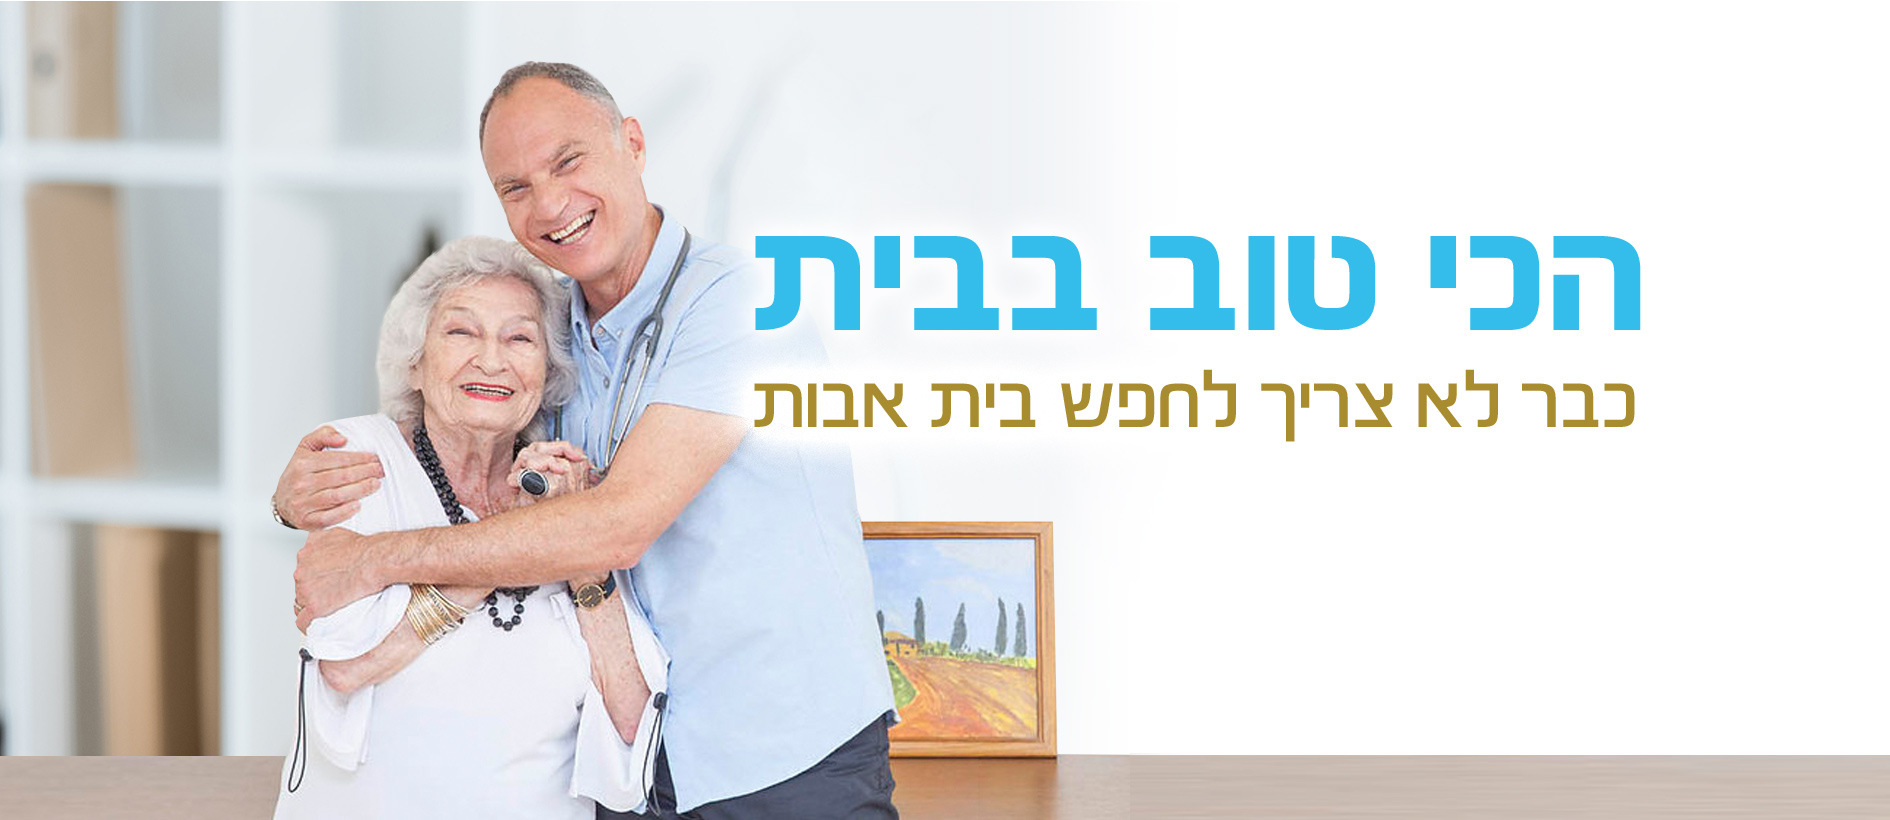 הכי טוב בבית - לא צריך לחפש בית אבות. בשיבה בריאה